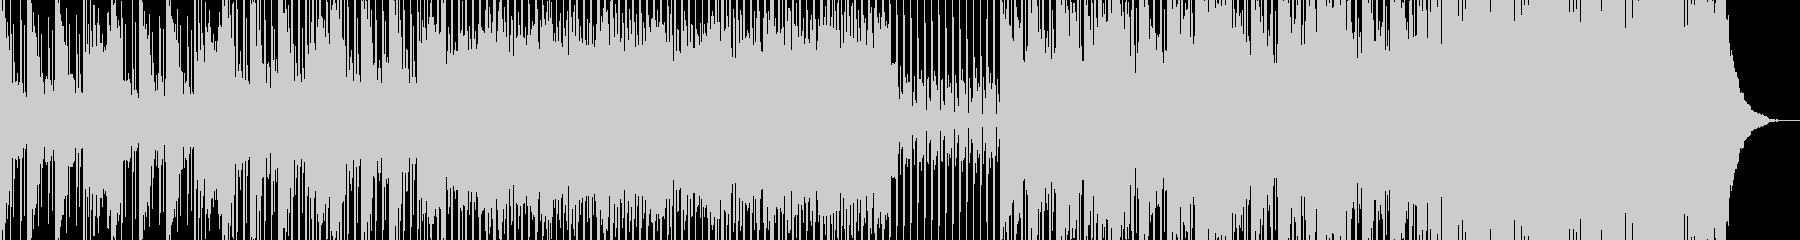 ミニマルなピアノのフレーズが淡々との未再生の波形